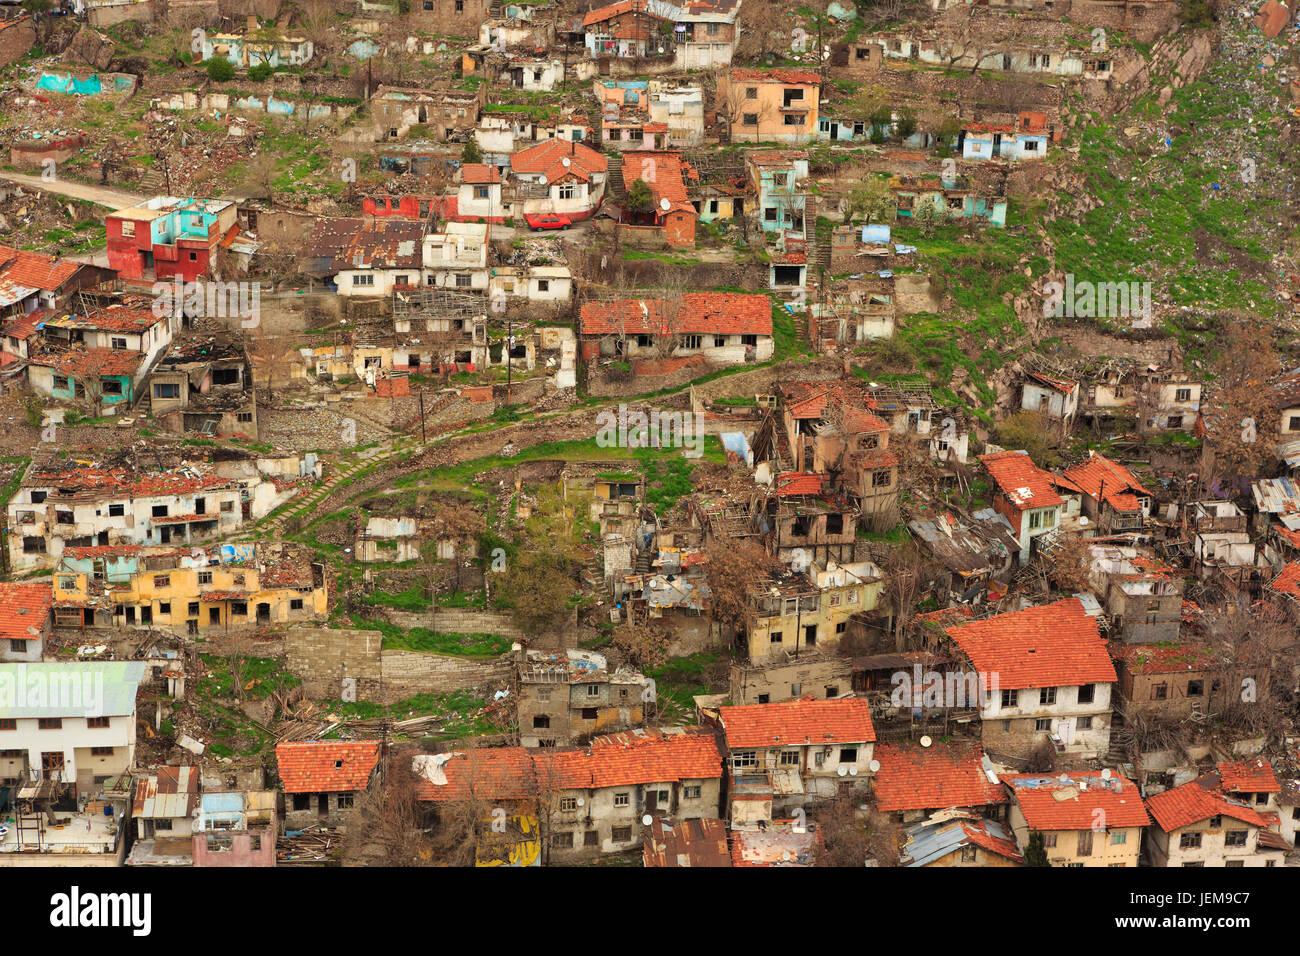 unplanned urbanization